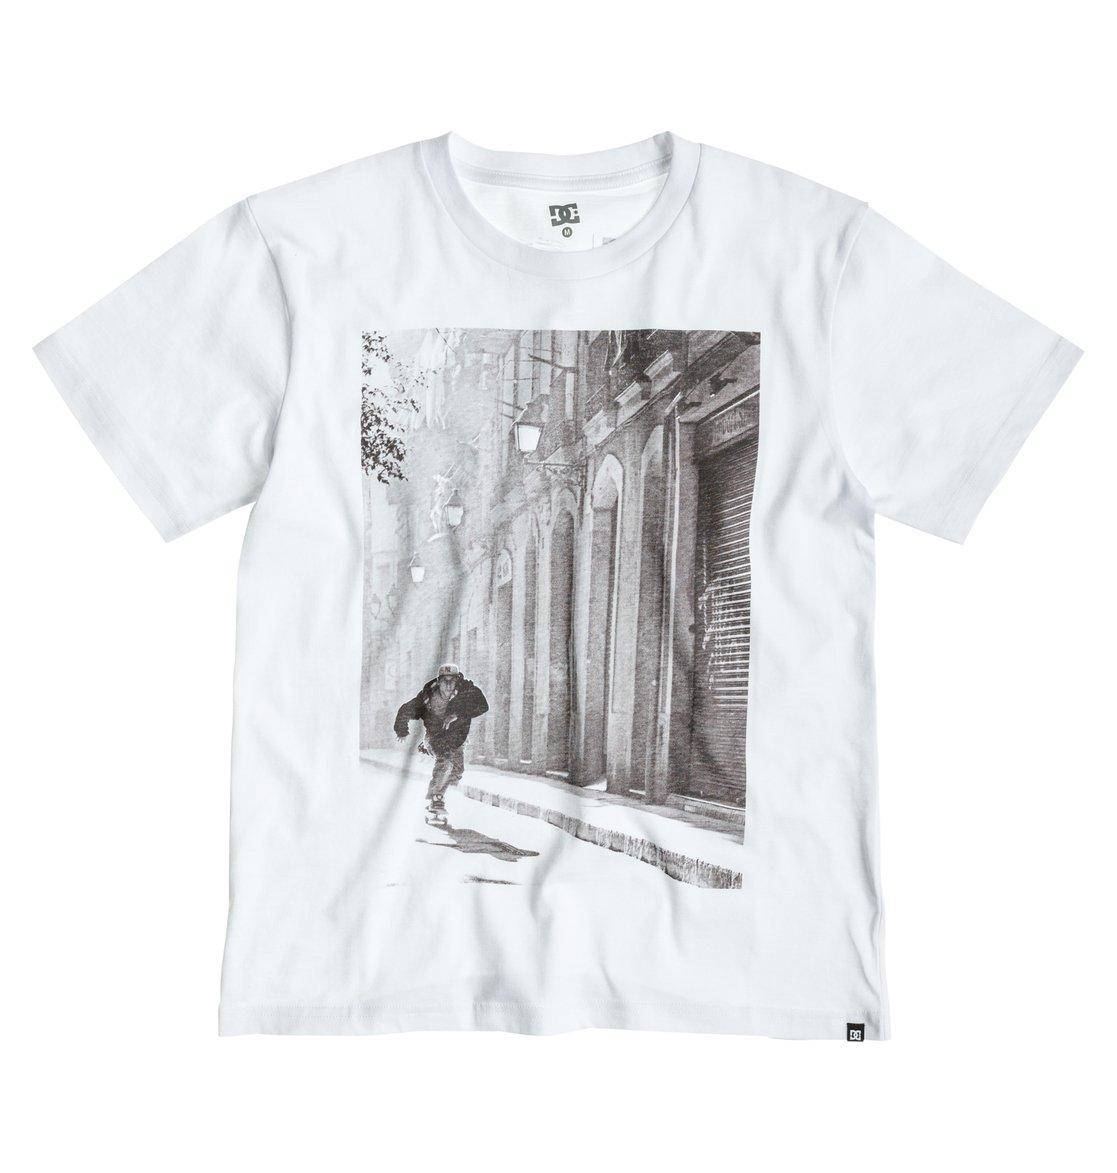 Купить Майки и футболки   Pushing Anthony Short Sleeve Boy